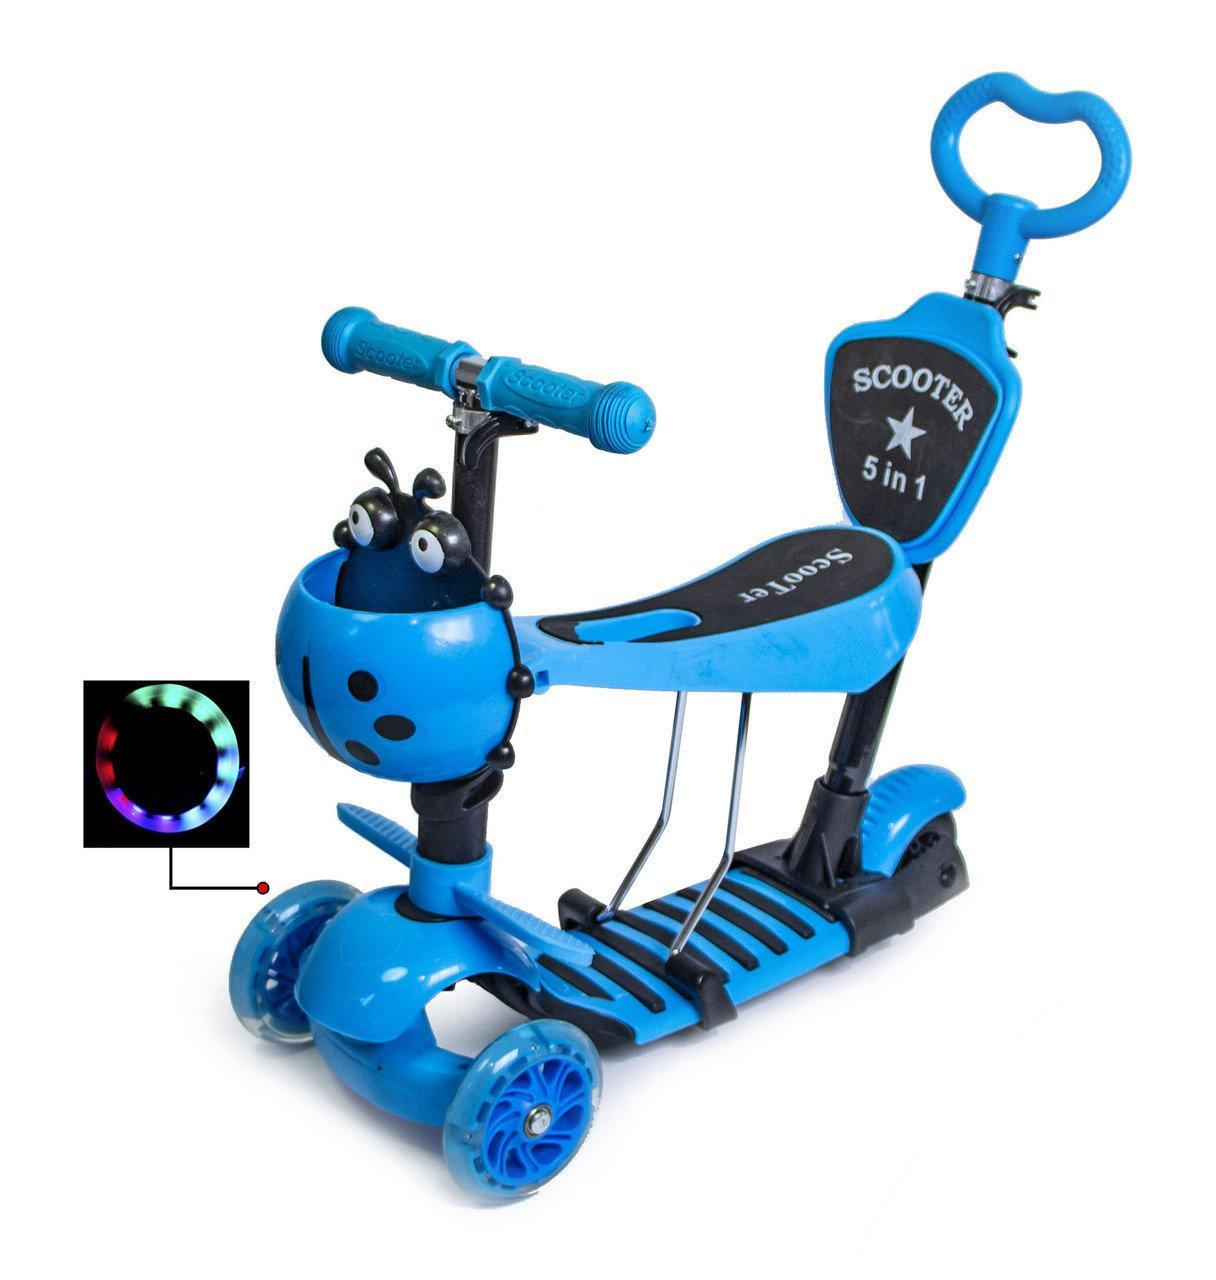 Самокат Scooter Blue 5 в 1 з колесами що світяться та ручкою батьківською